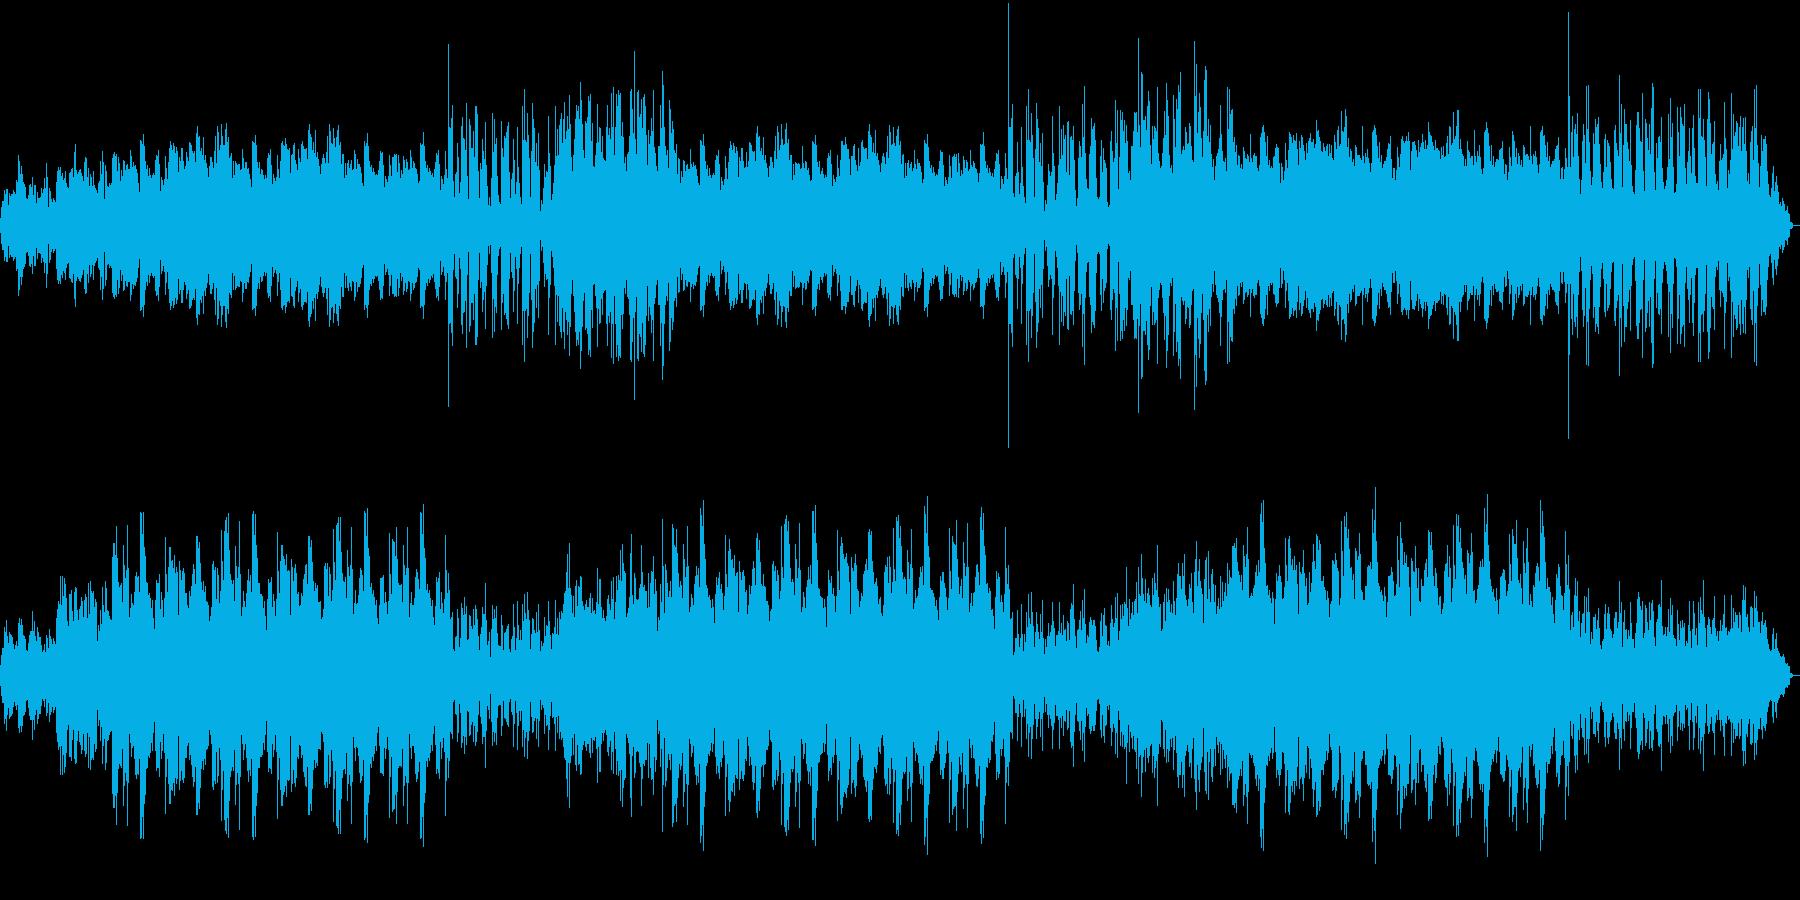 ディレイ深め、少々不思議な感じのBGMの再生済みの波形